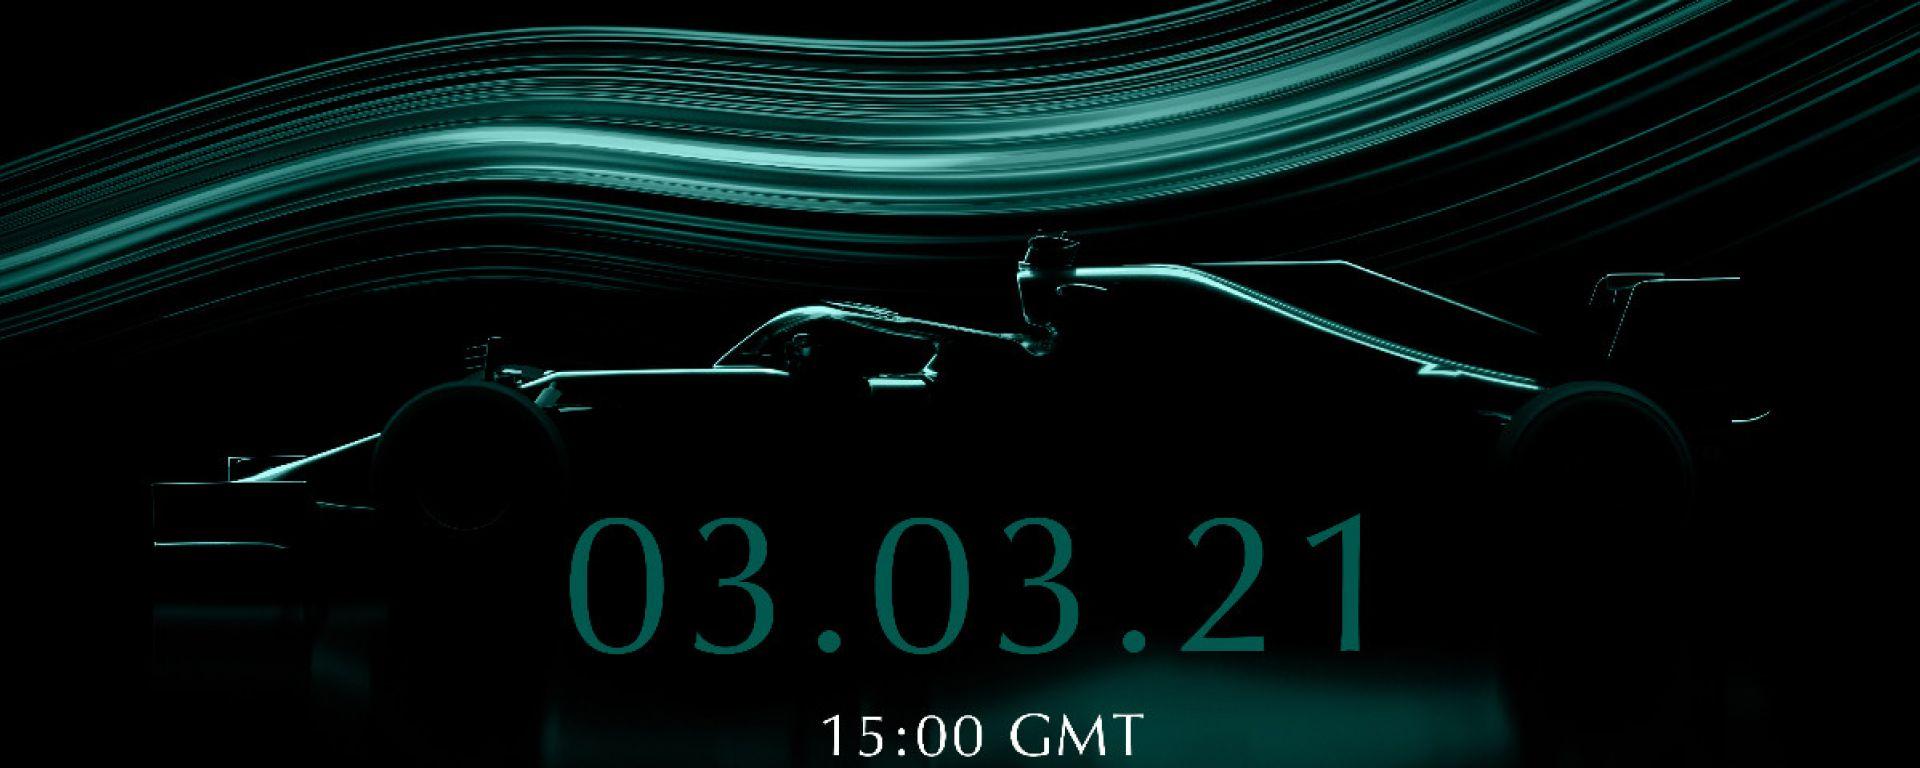 L'immagine che annuncia la data di presentazione della nuova Aston Martin di Formula 1